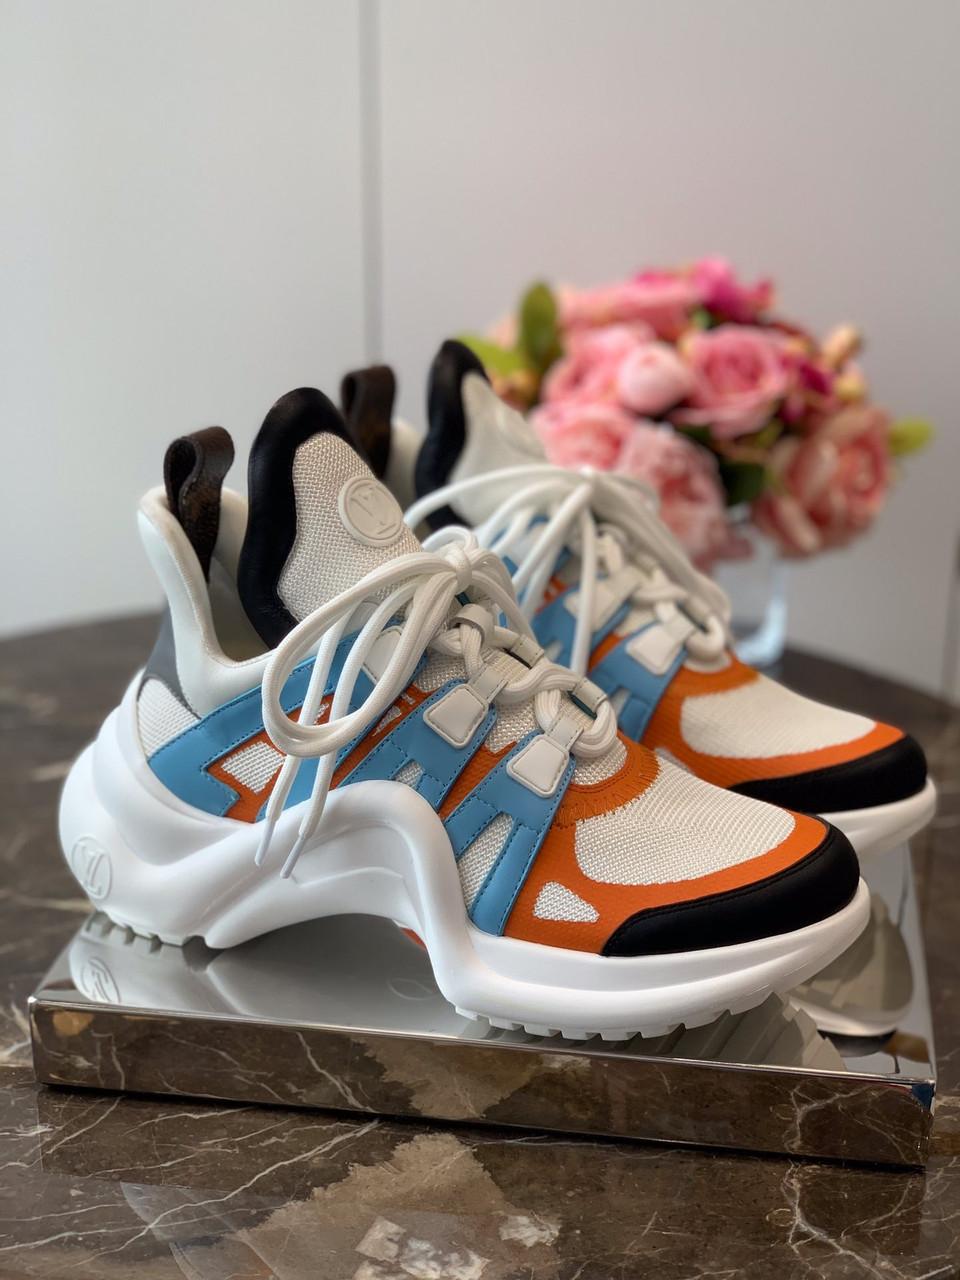 Кроссовки Louis VuittonArchlight